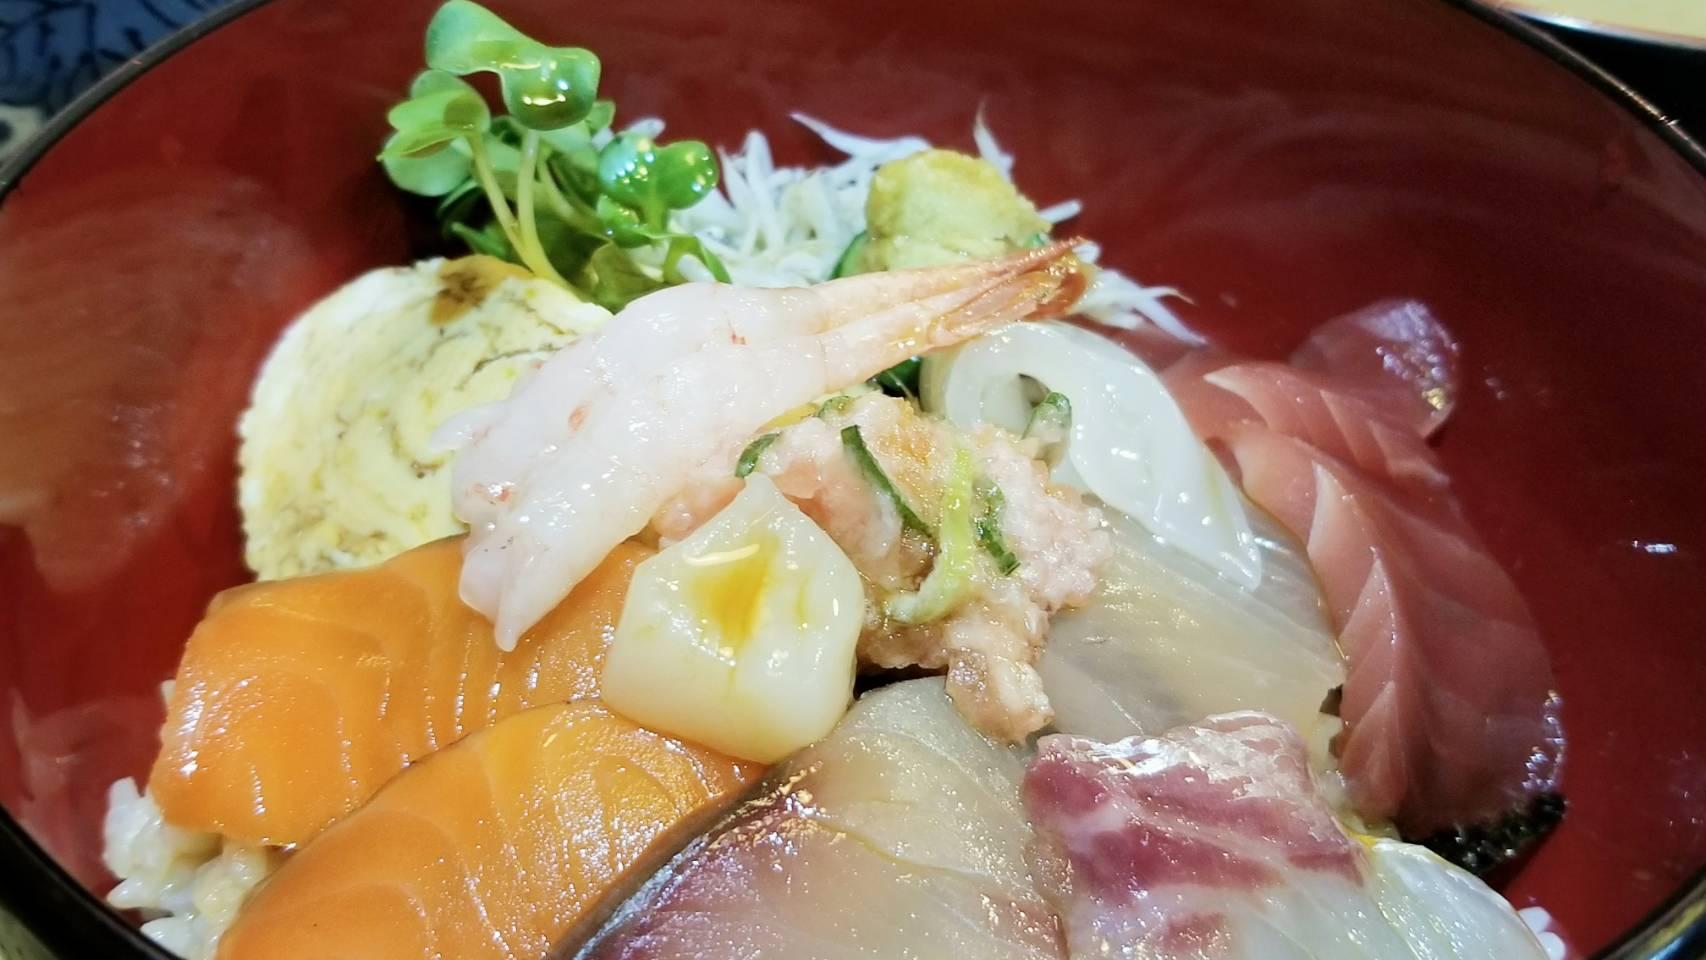 コスパ最高おすすめランチ人気ブログお得情報愛媛県グルメ四国海鮮